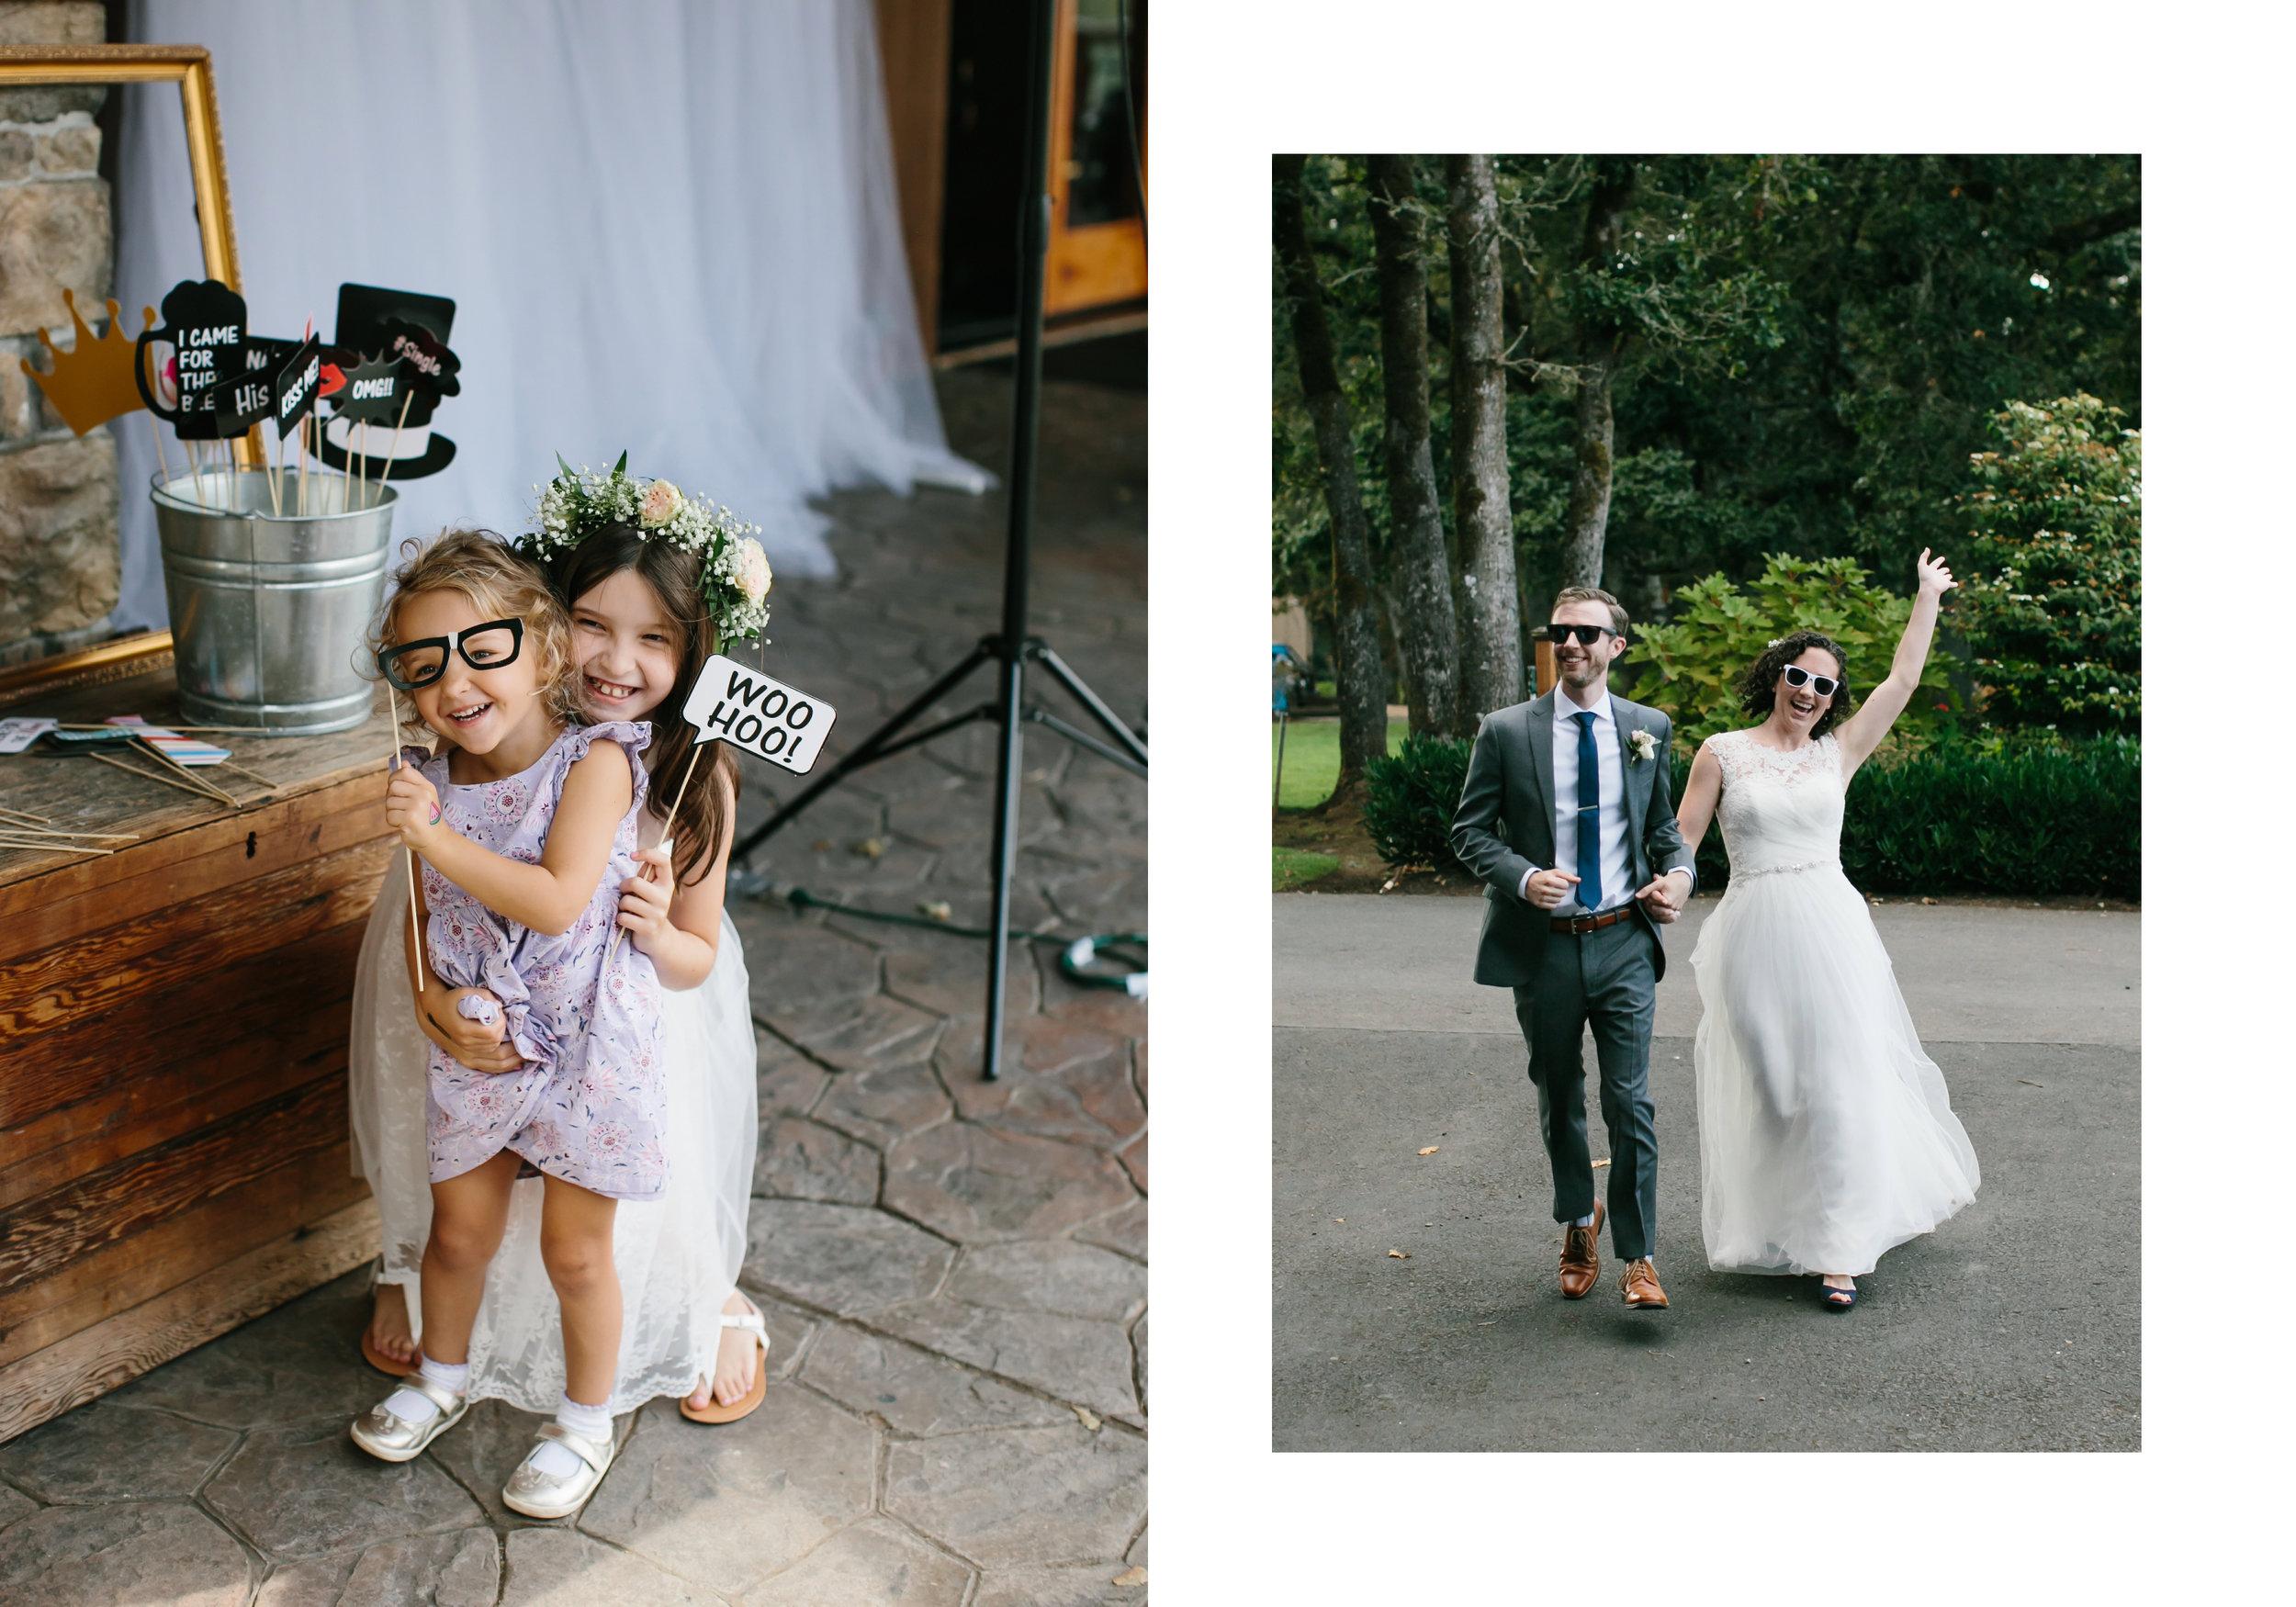 scholls-valley-lodge-wedding-photographer-ashley-courter0018.JPG